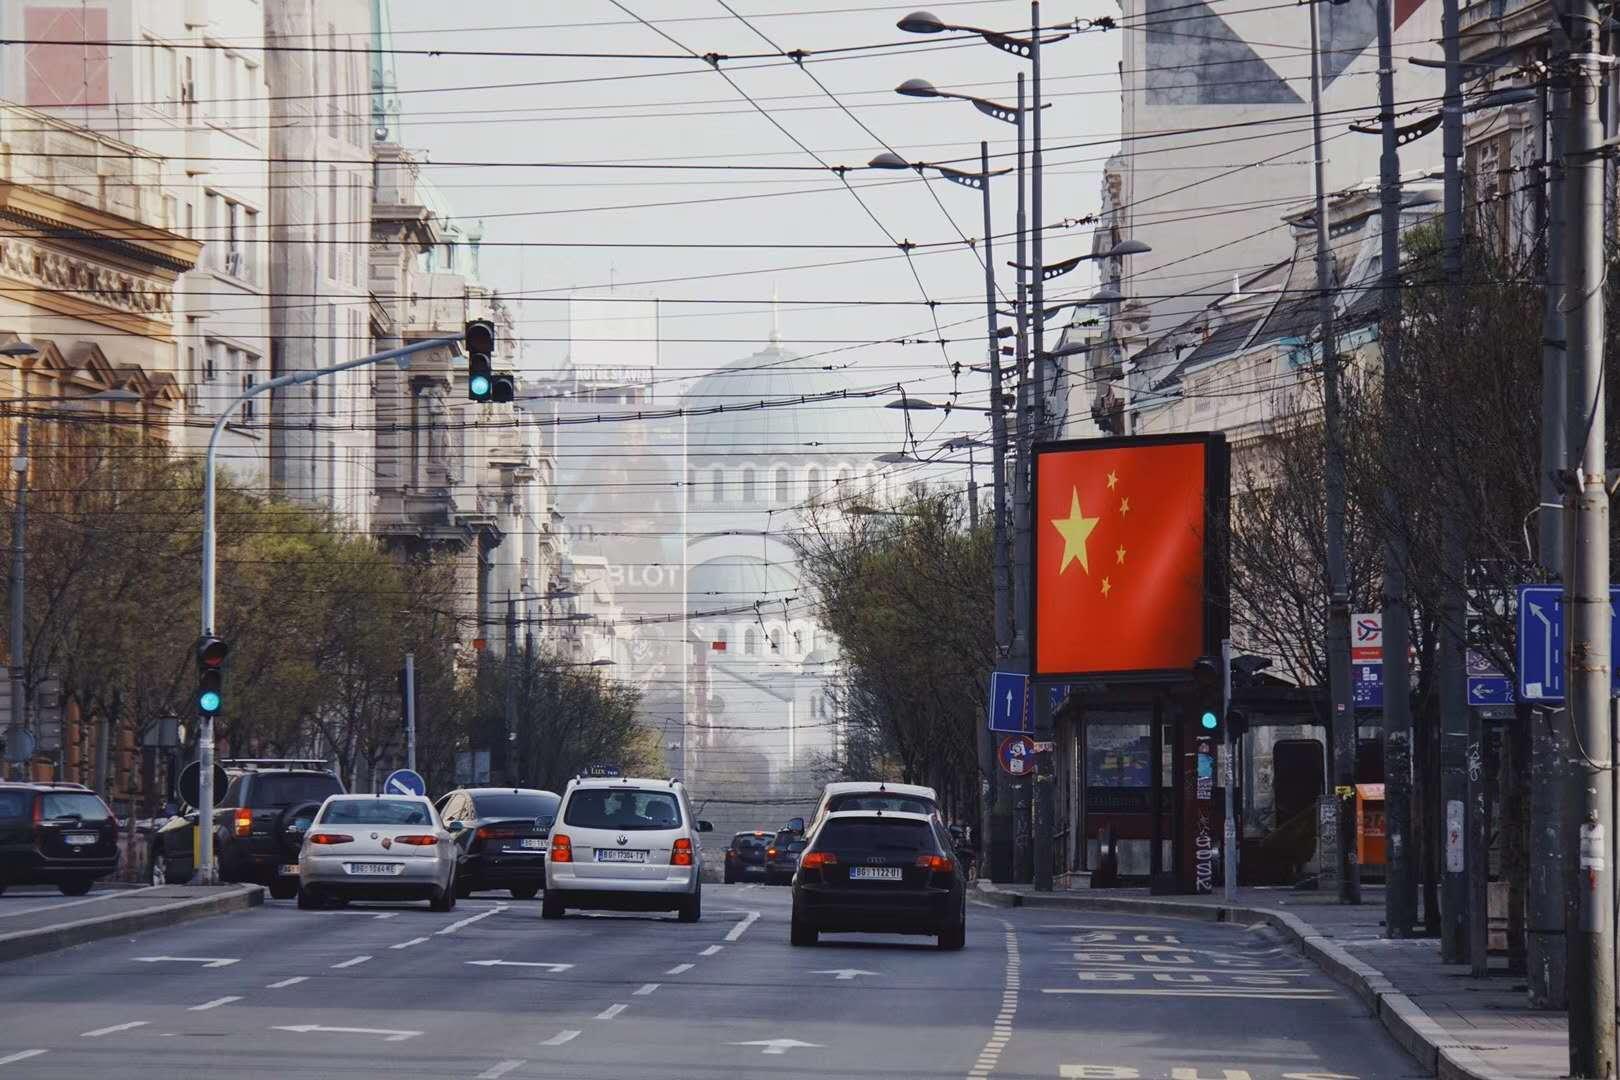 疫情全球眼:12小时宵禁或再升级,塞尔维亚为何如此严防疫情?